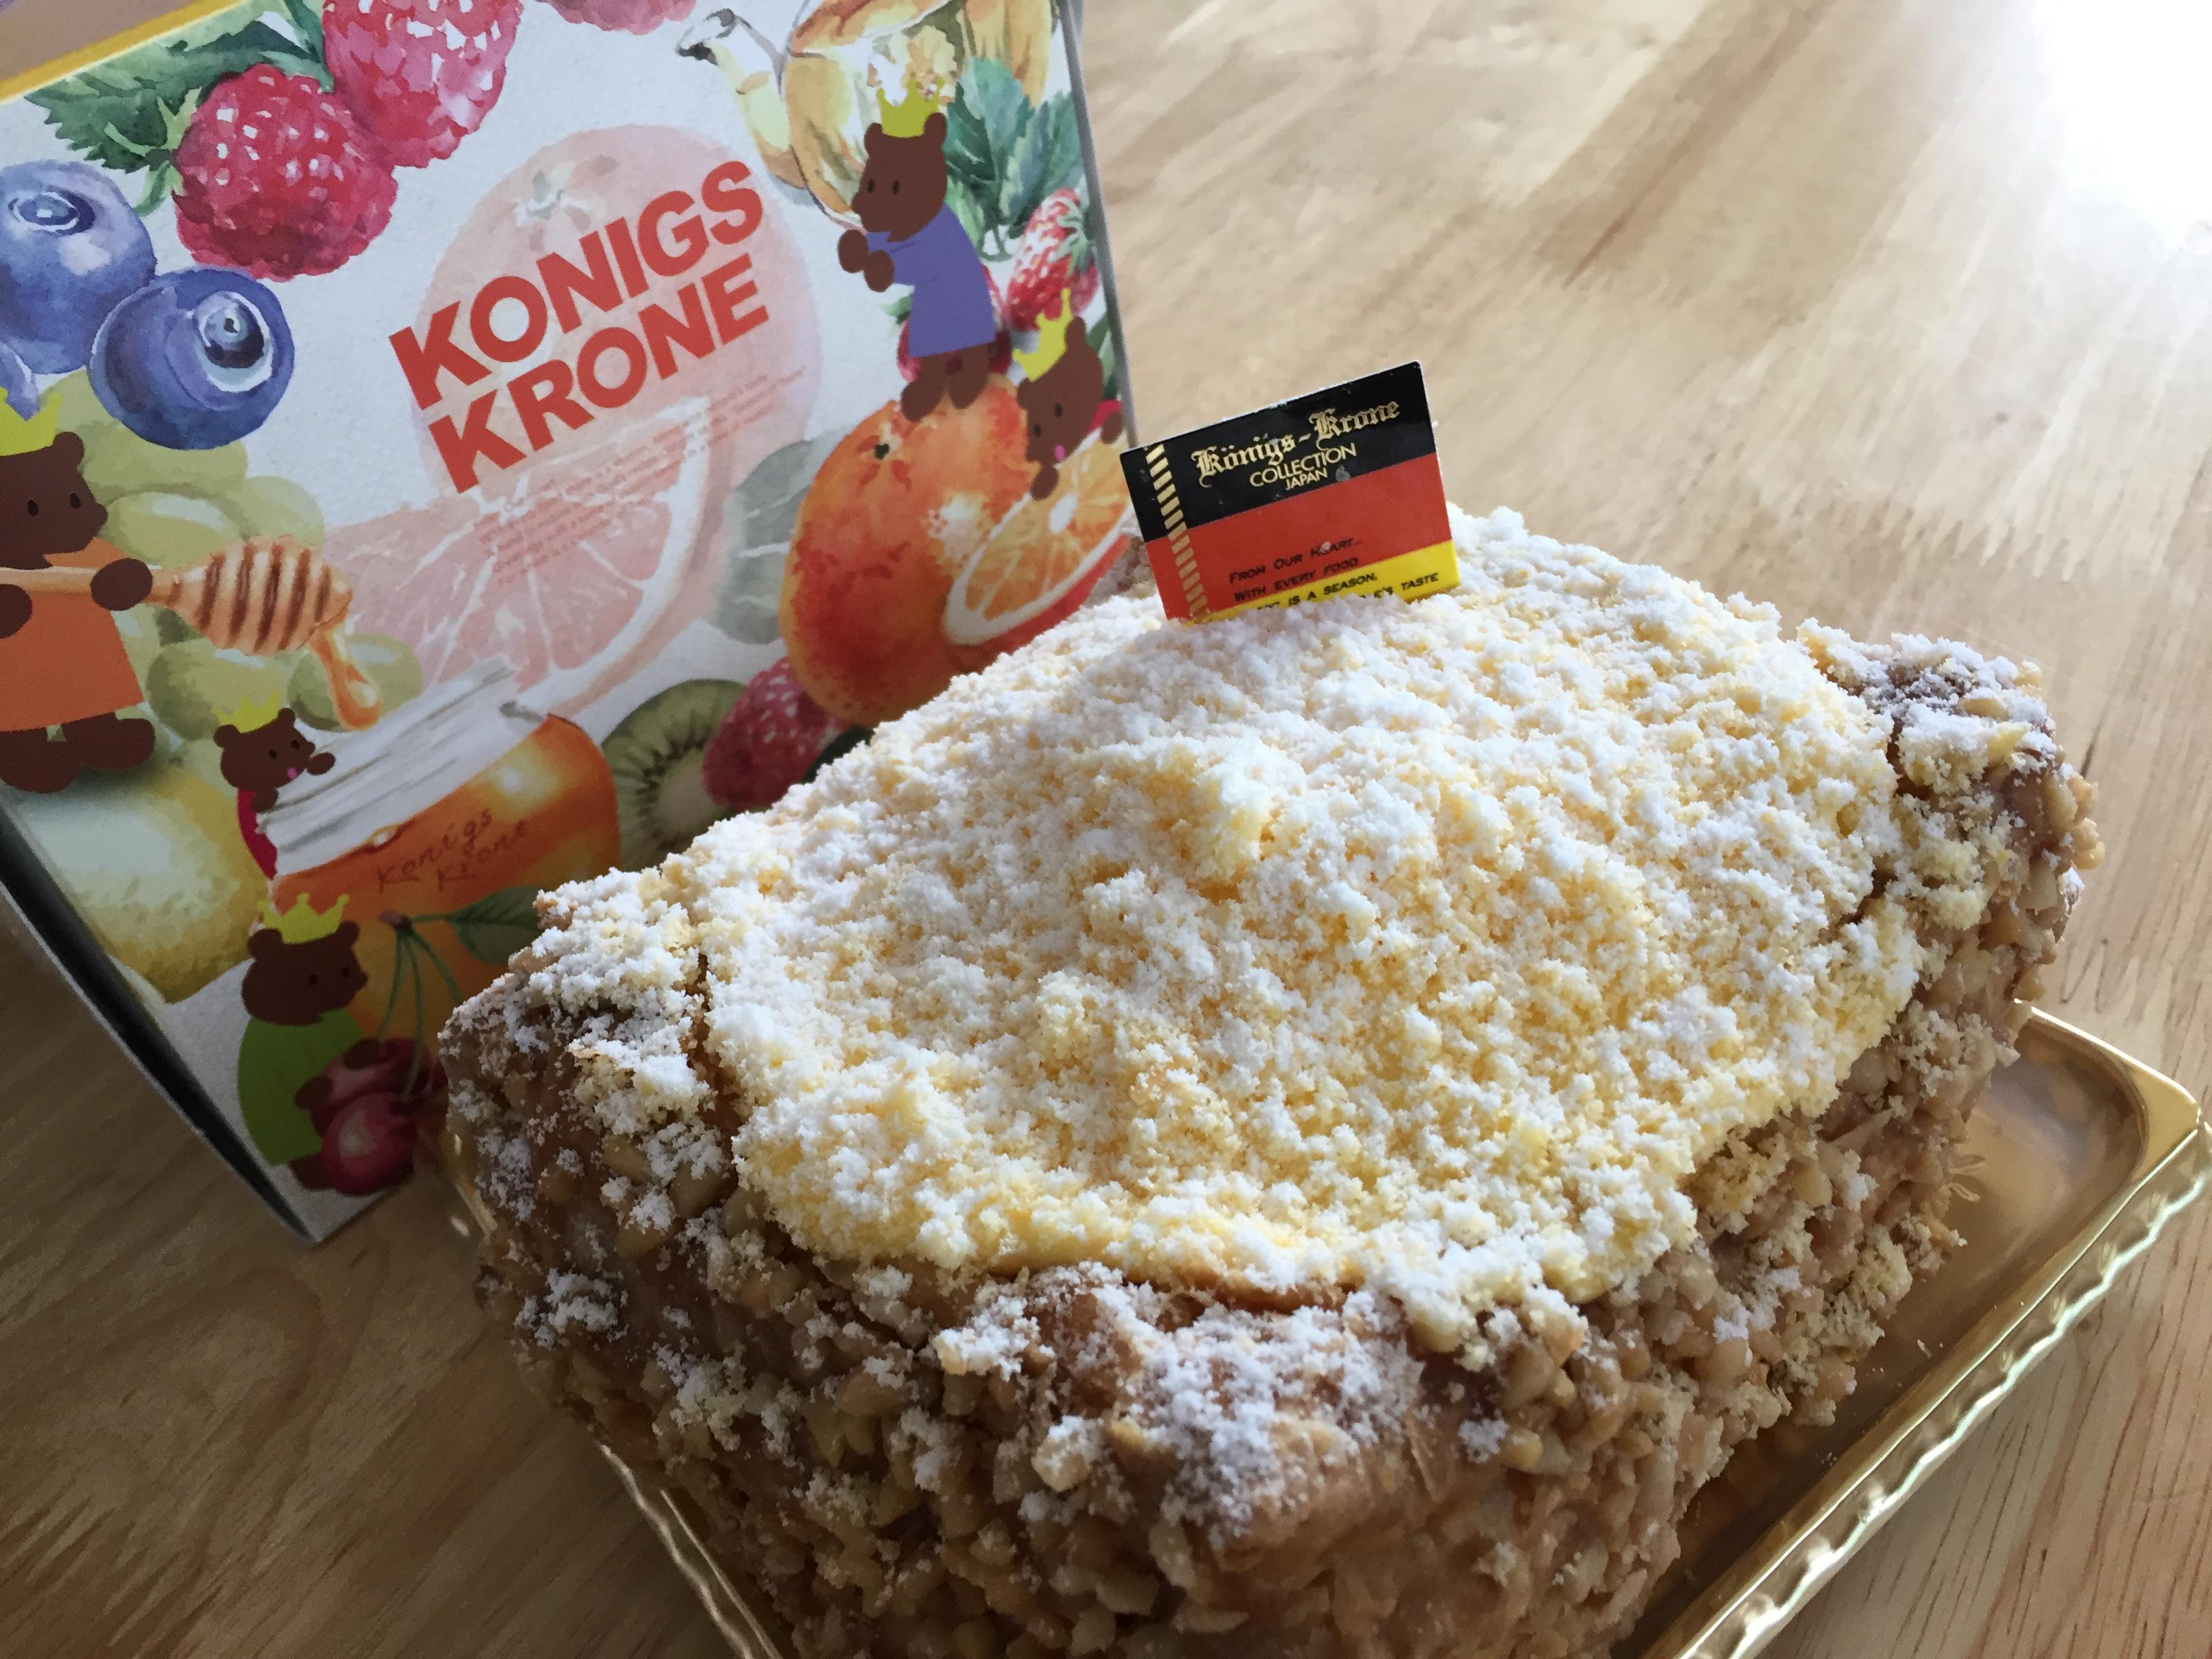 ケーニヒスクローネ ふわふわパイケーキ